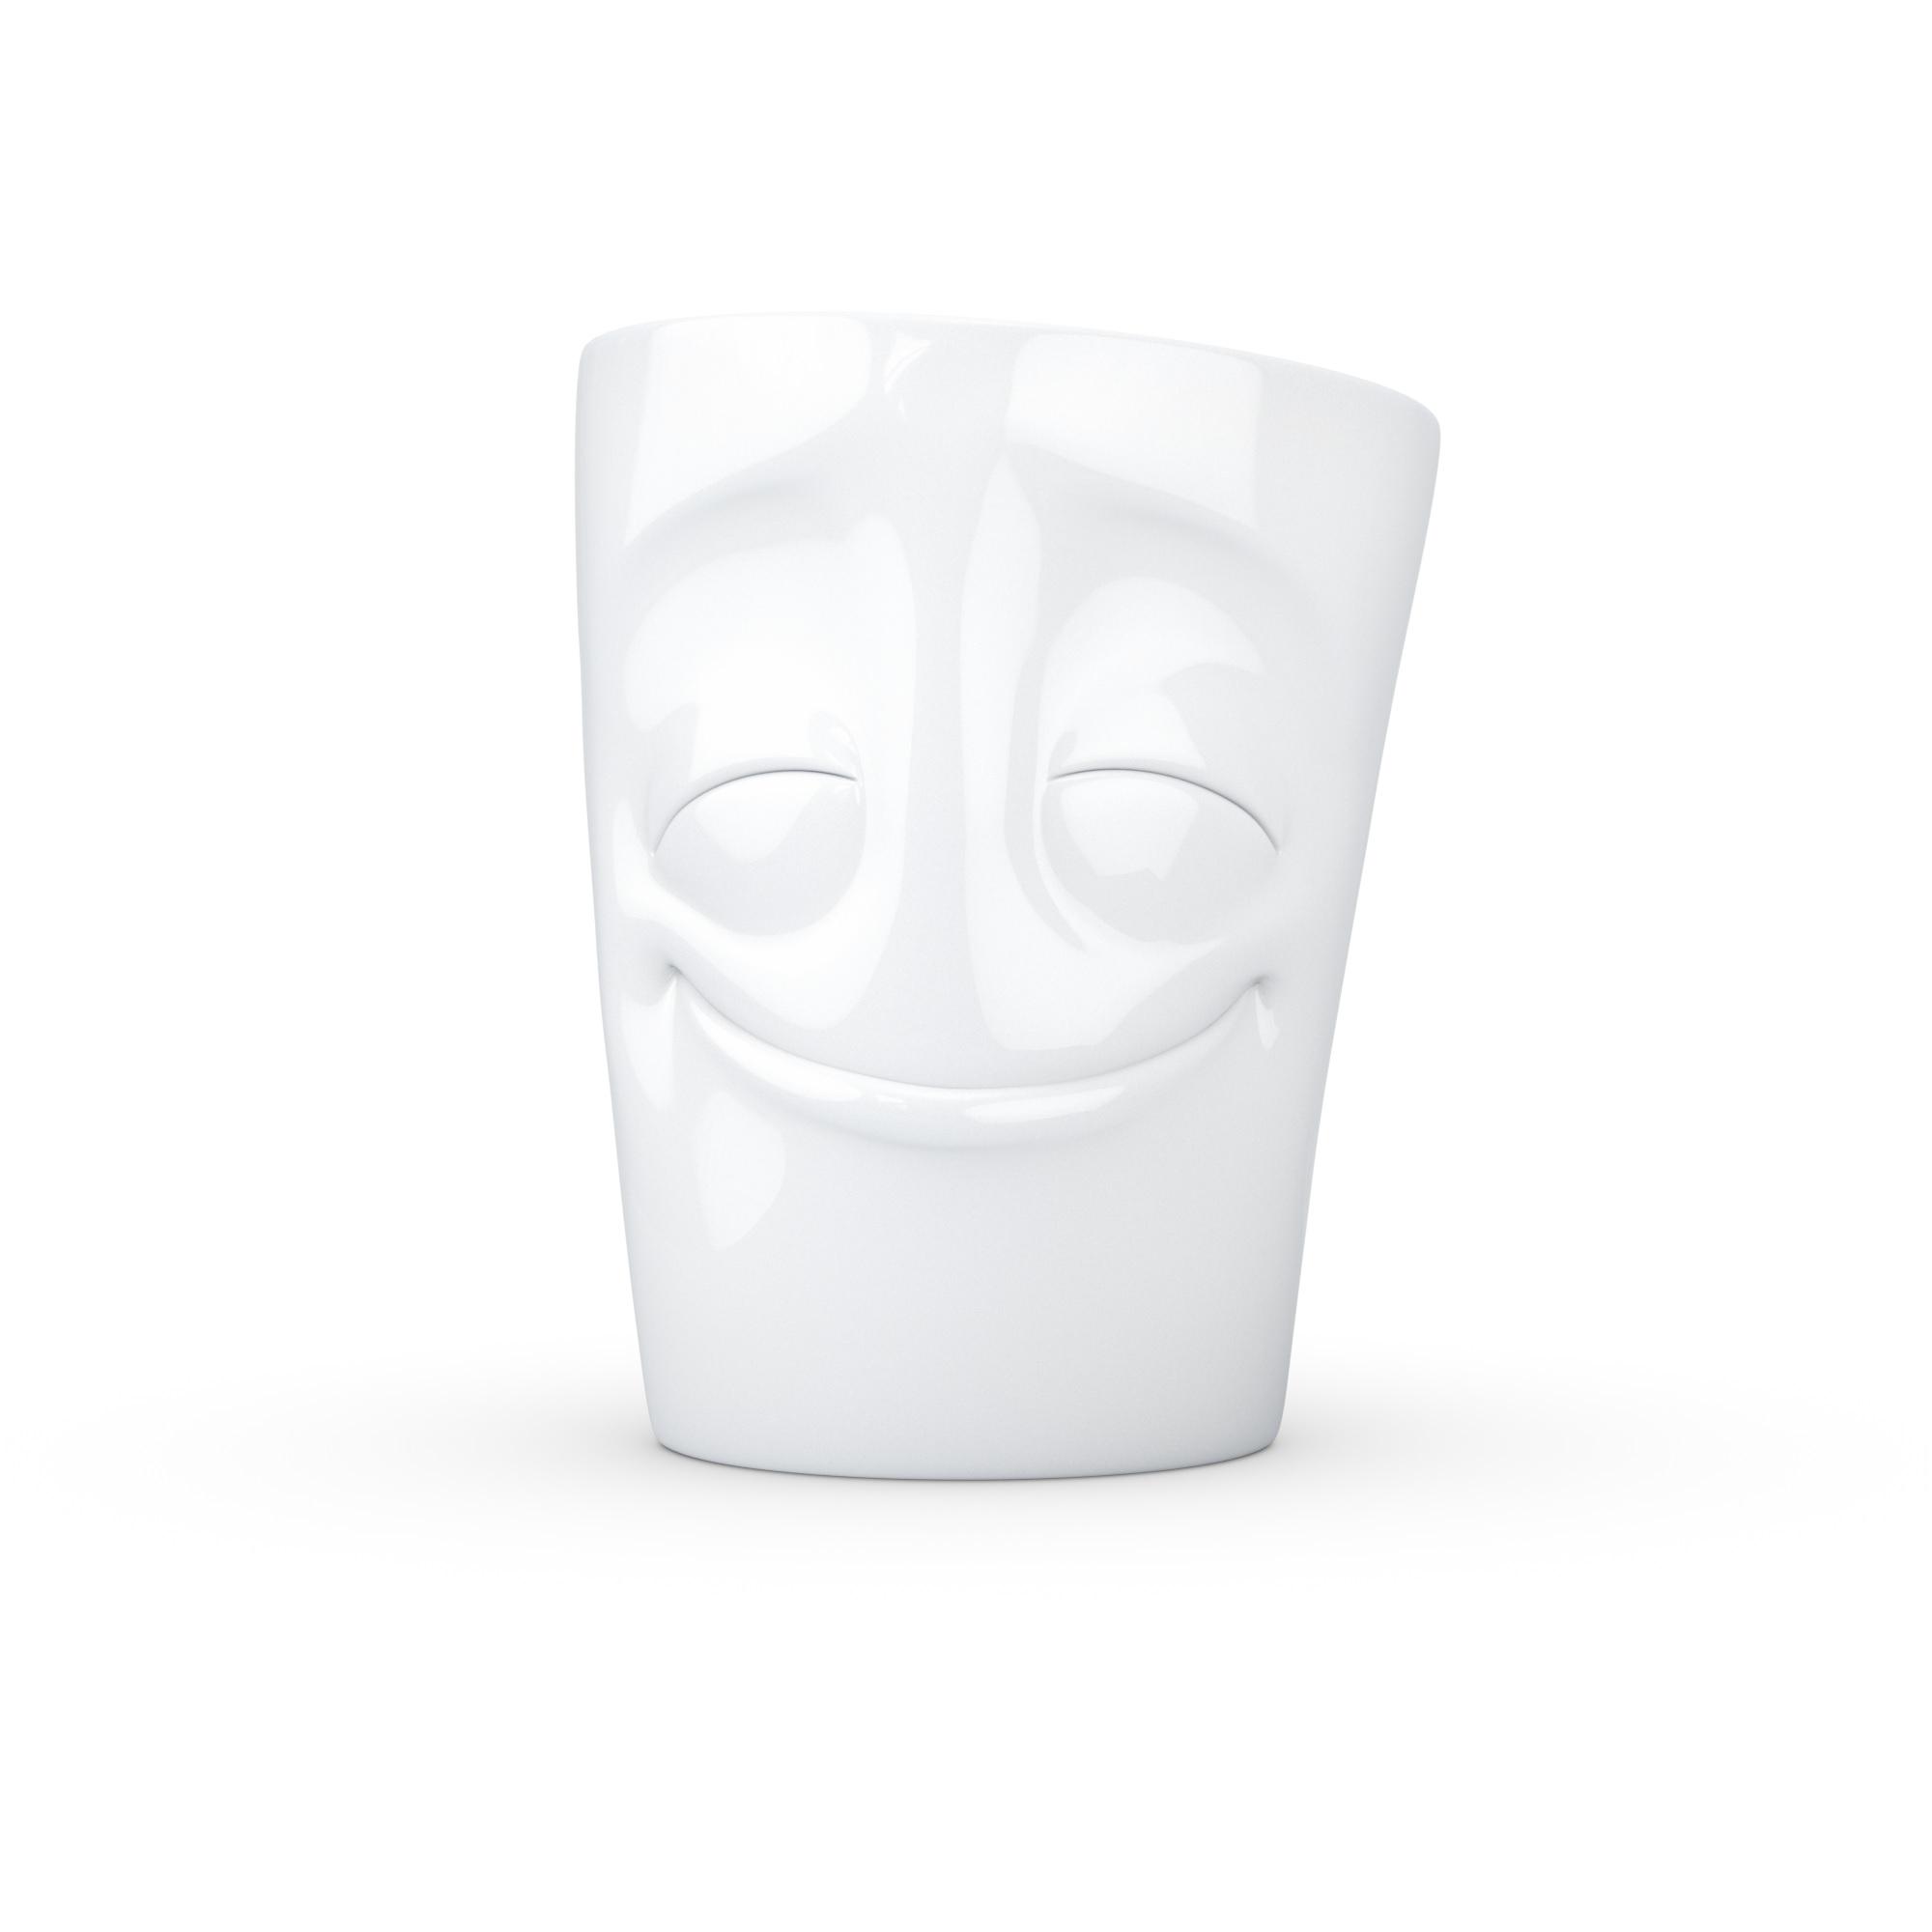 Mug-Vergnügt-Weiß